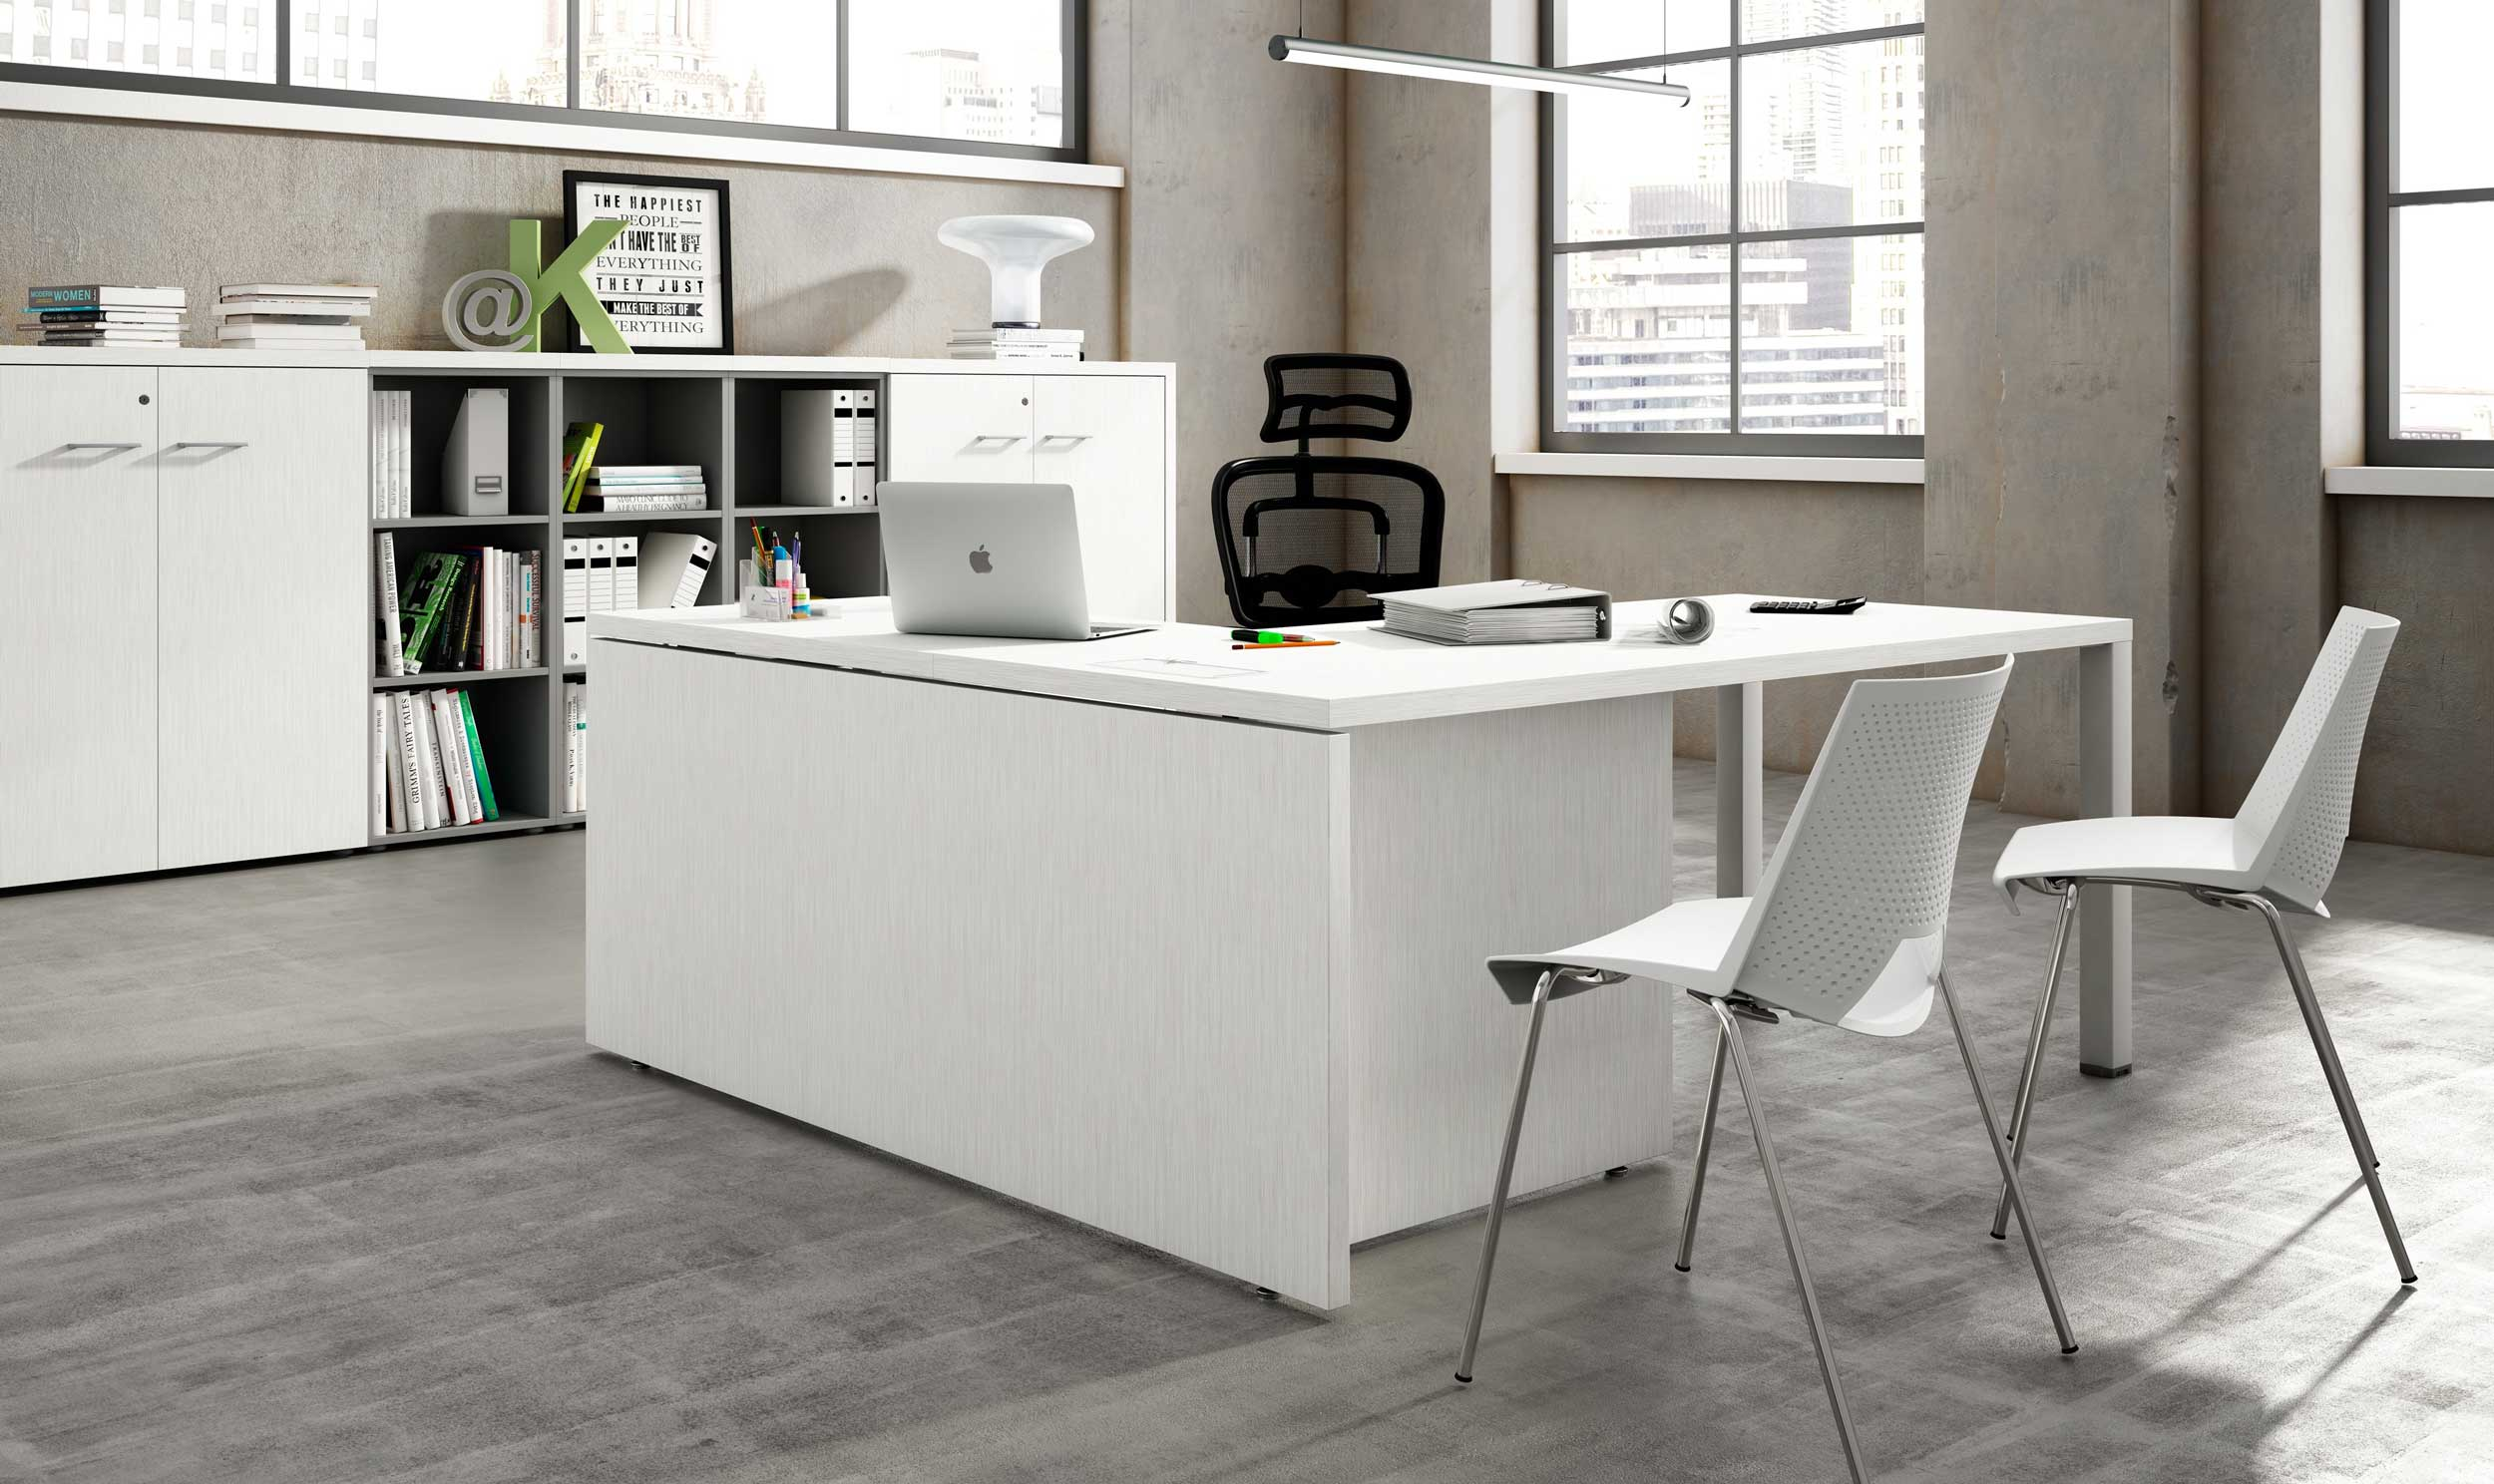 5 claves para conseguir unas oficinas minimalistas Decoracion minimalista definicion